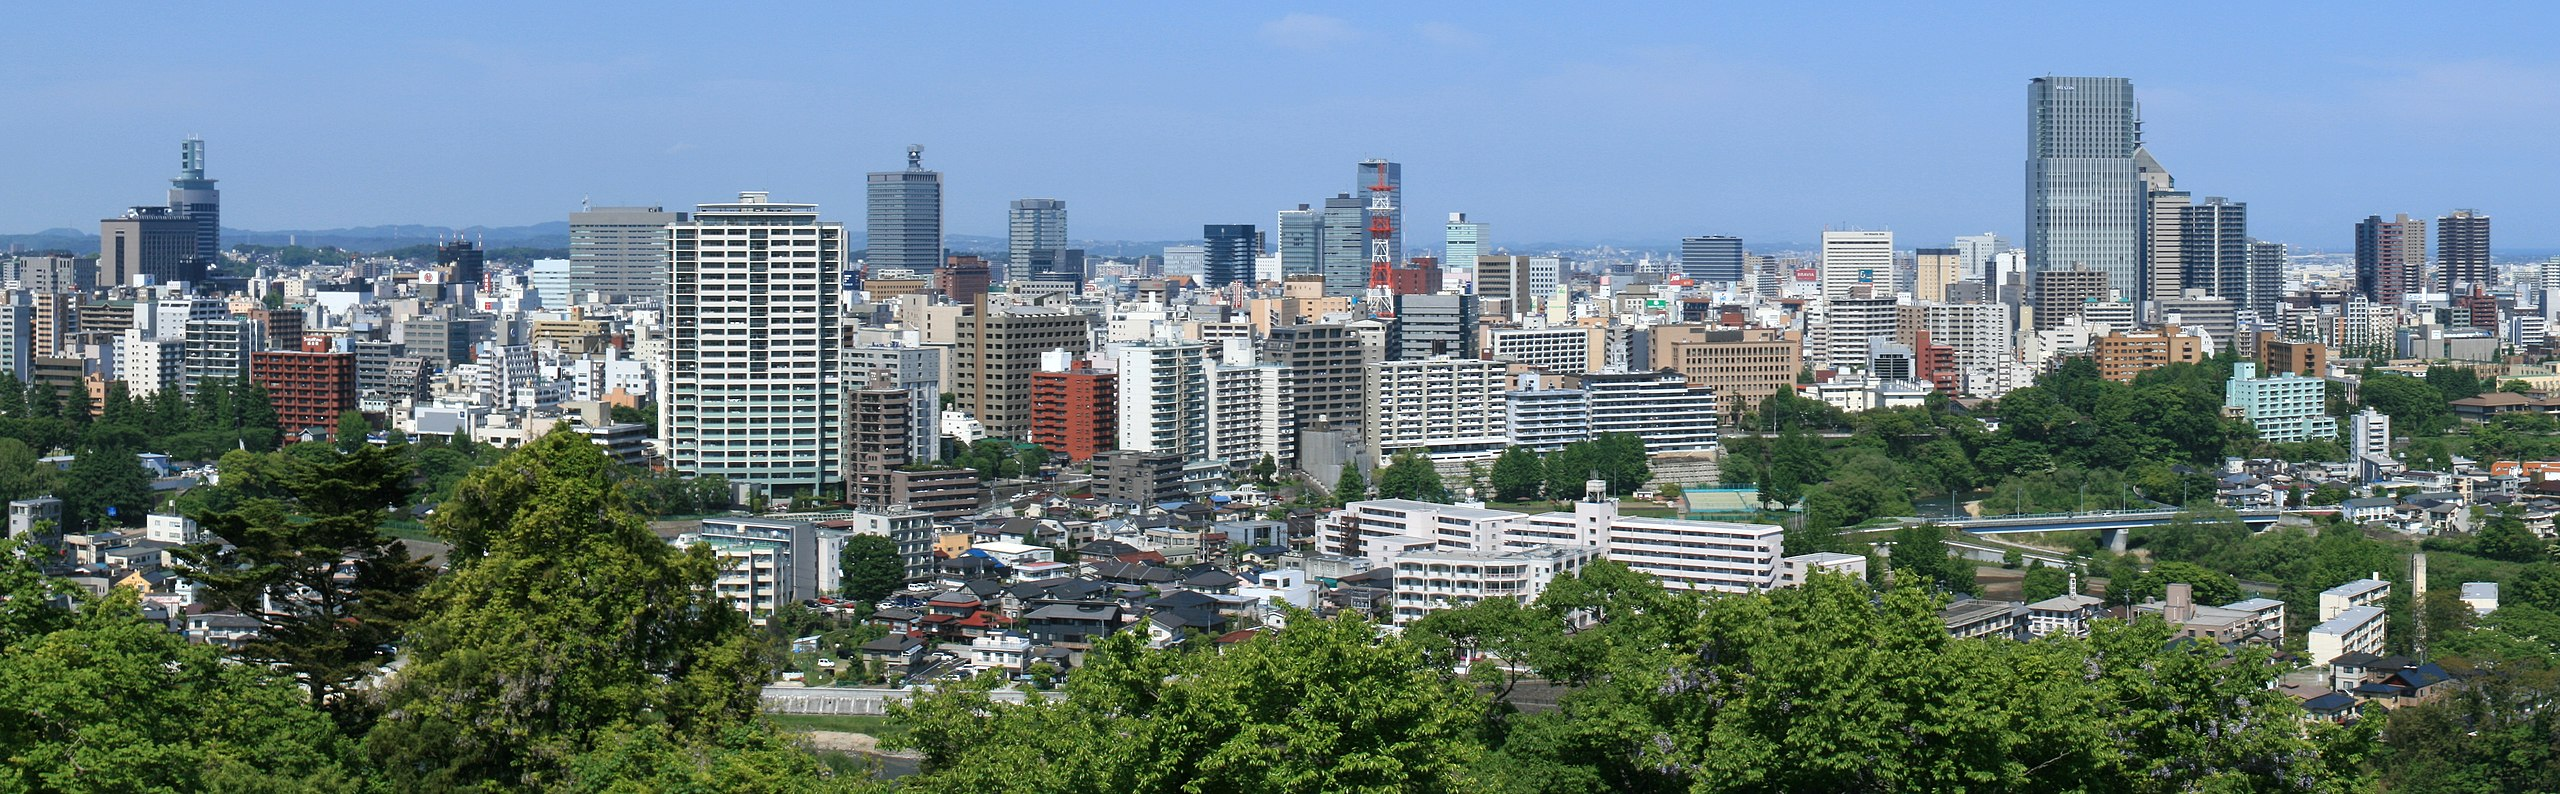 Sendai city scape